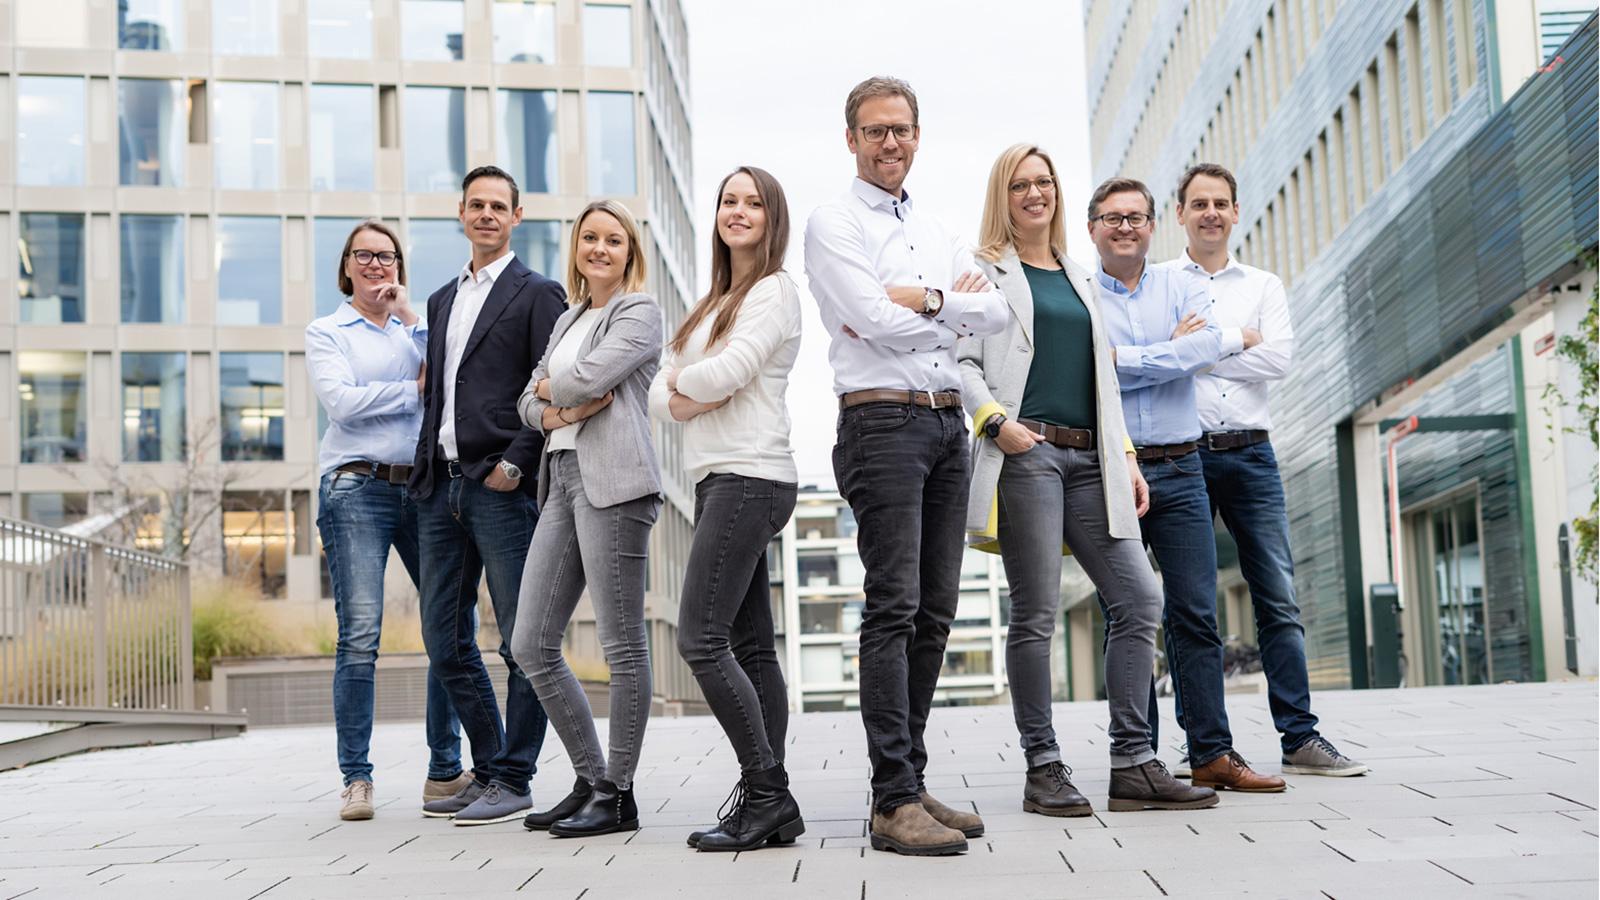 Team_Raumfabrik_0138